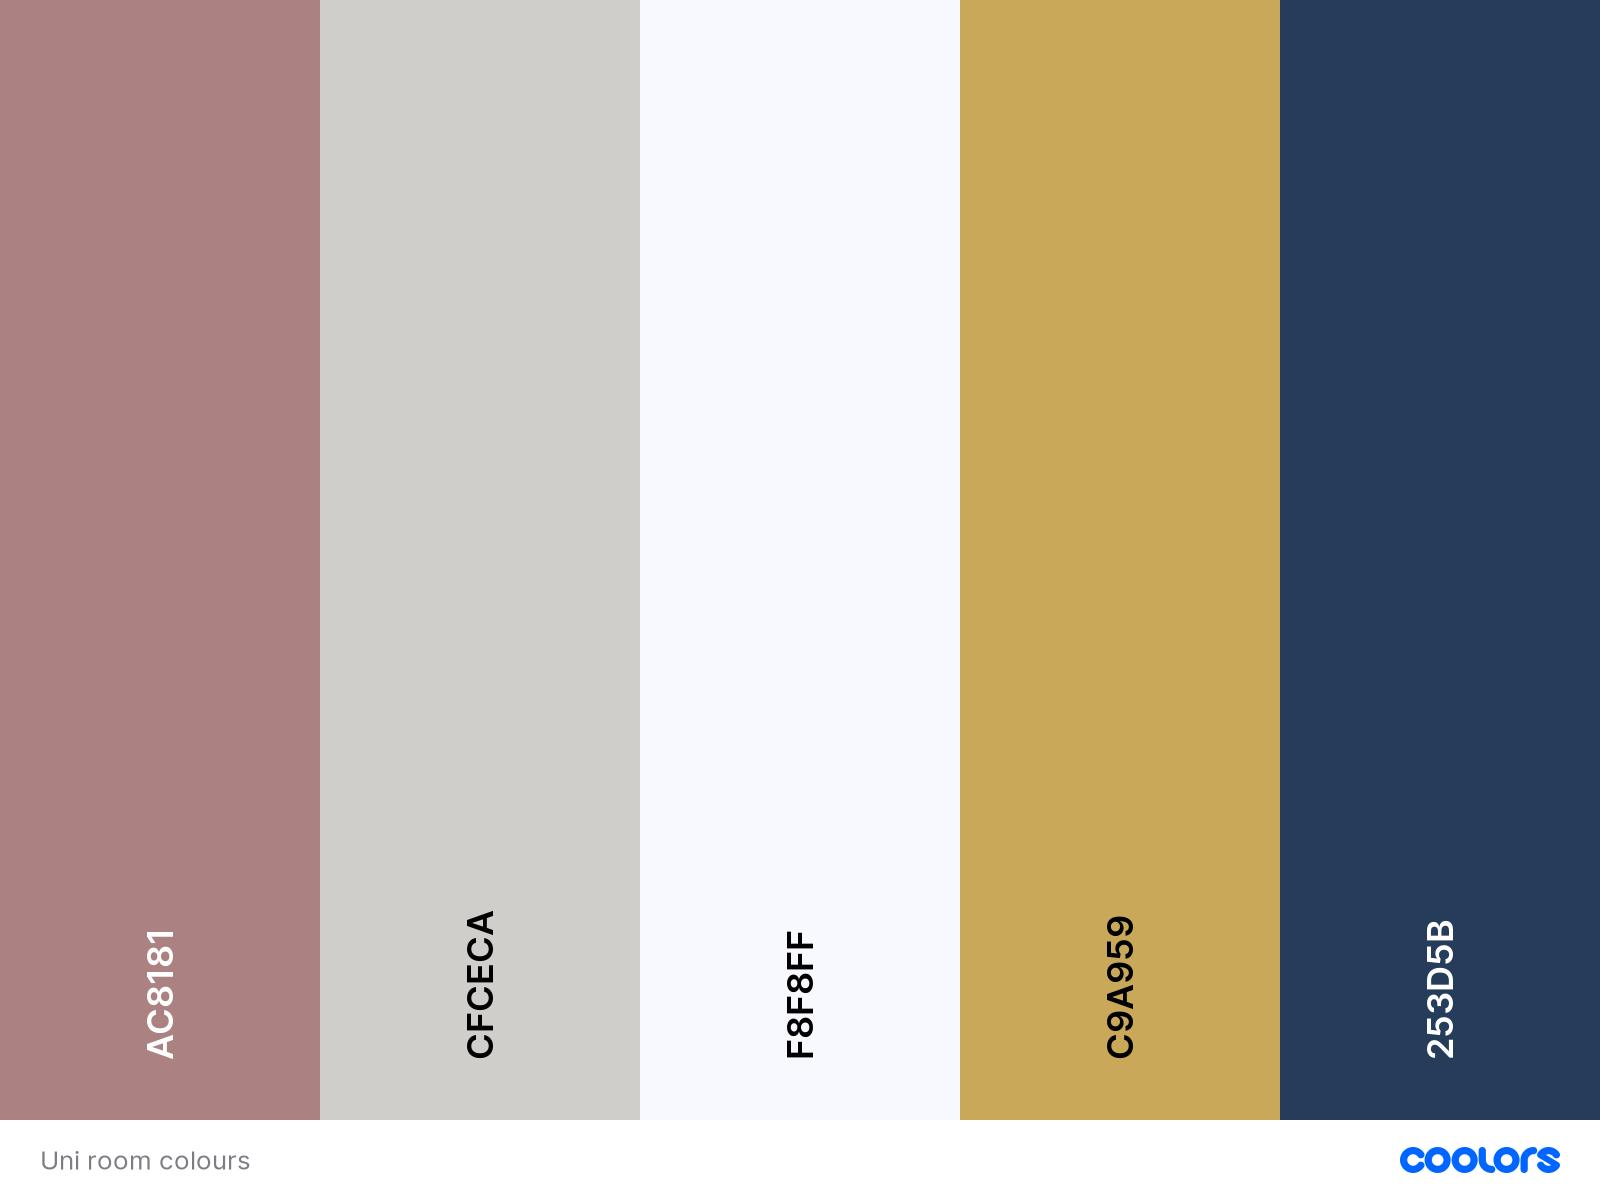 Colour Scheme In 2020 Color Palette Living Room Navy Color Palette Hex Color Codes